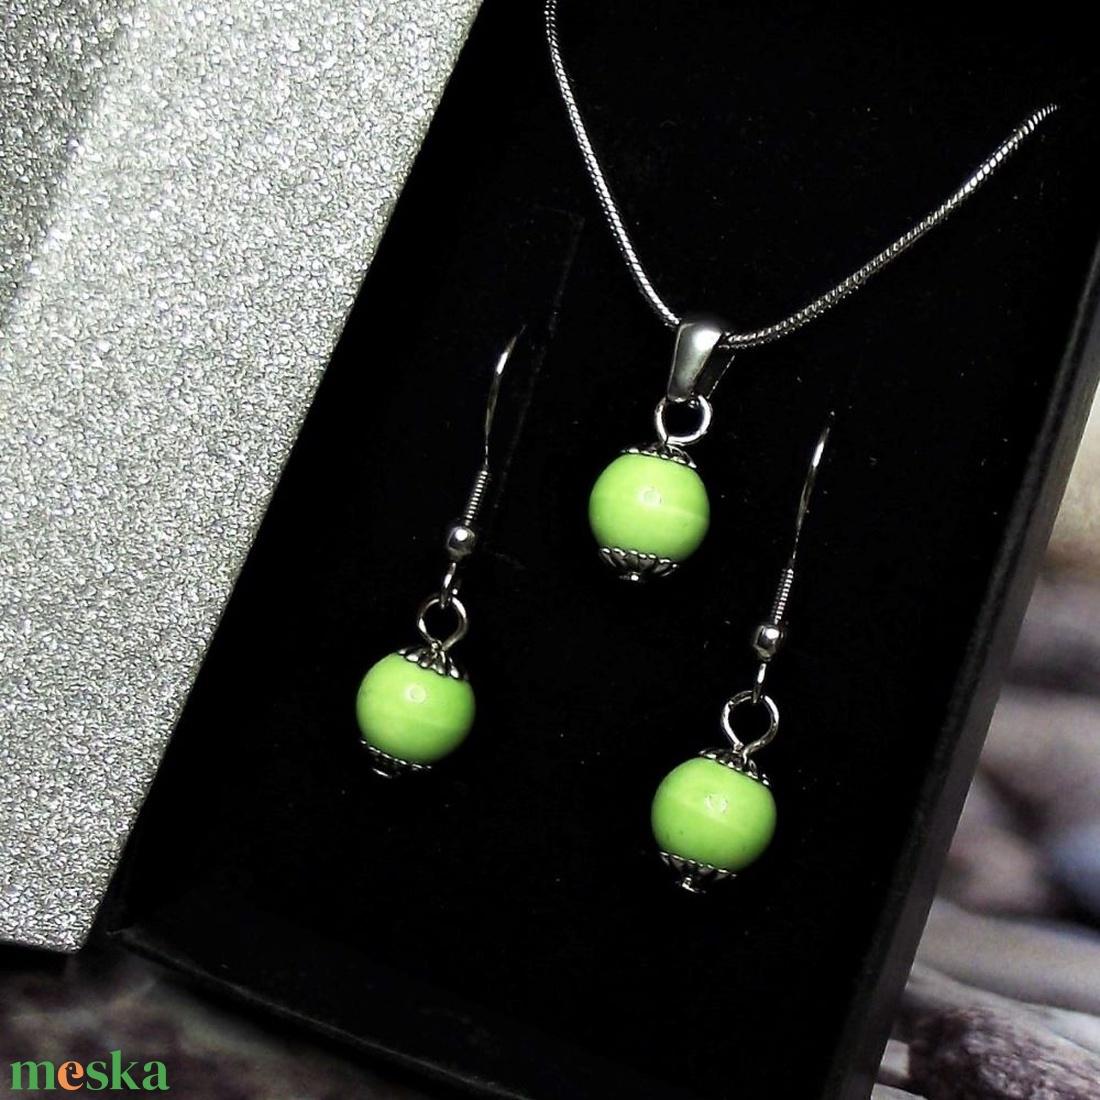 Zöld kerámiagyöngyös nemesacél, orvosi fém nyaklánc és fülbevaló szett ajándék díszdobozban - ékszer - ékszerszett - Meska.hu